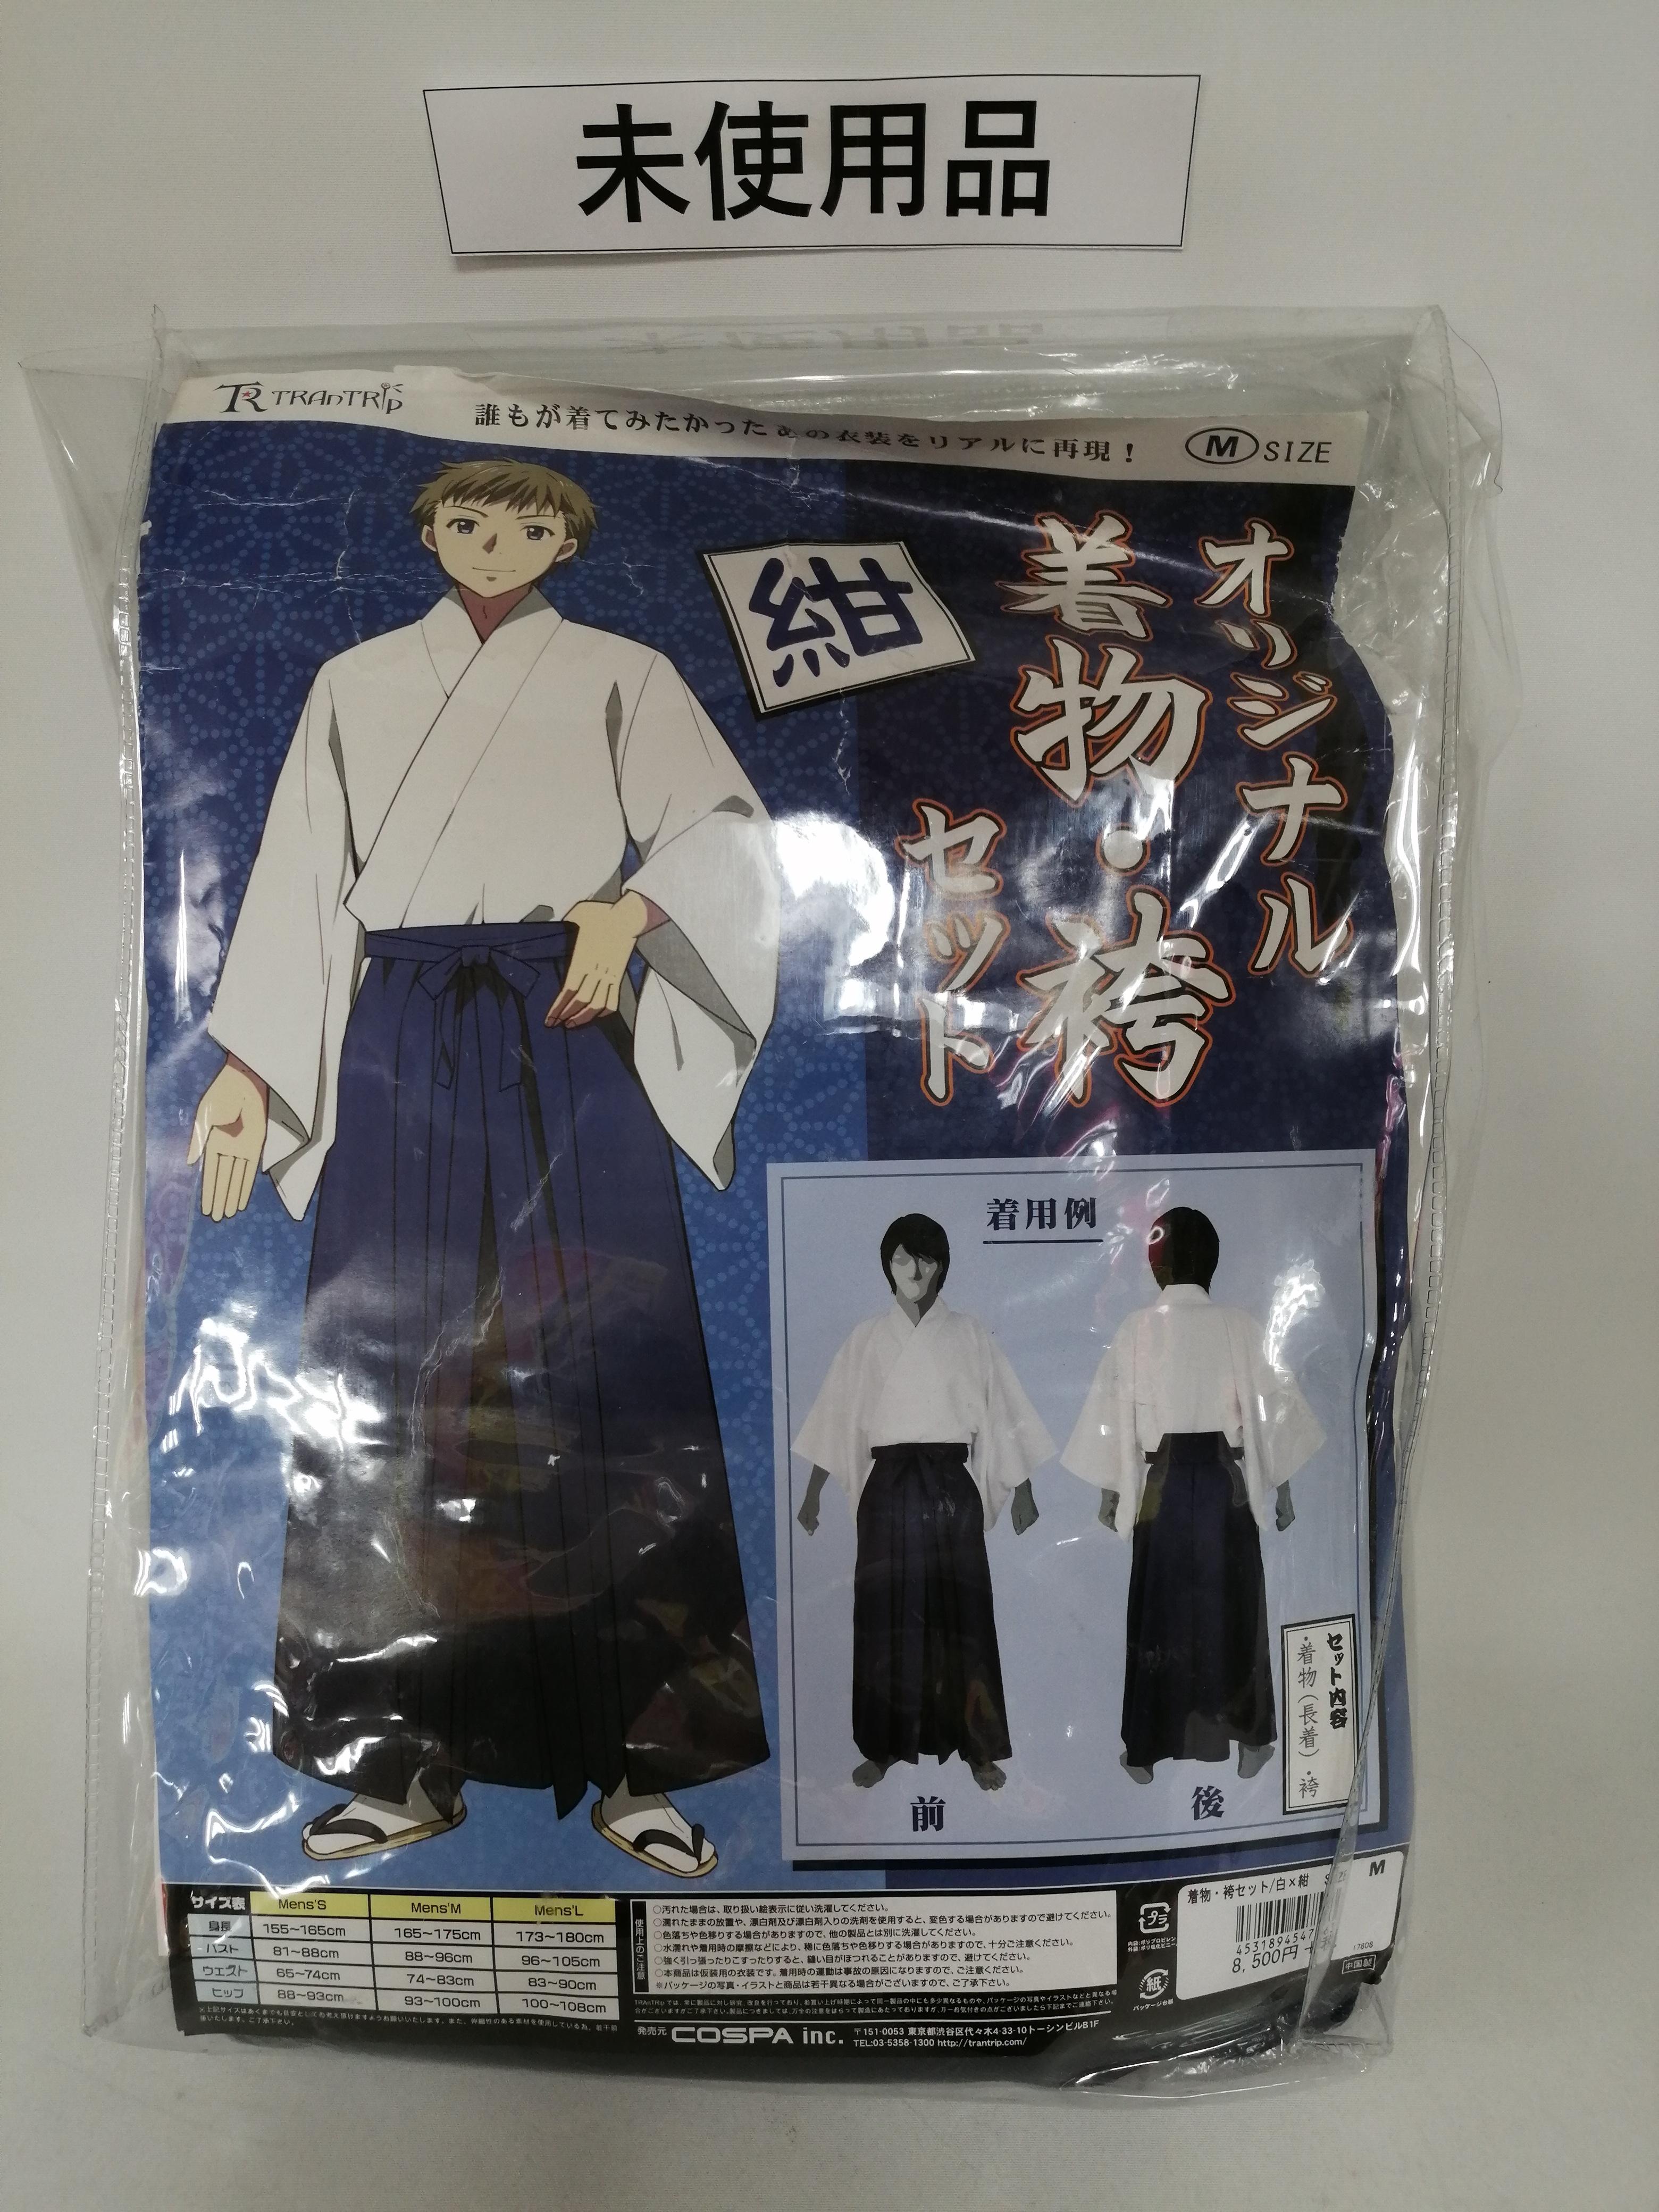 【未使用 メンズM】着物・袴セット 白×紺|TRANTRIP